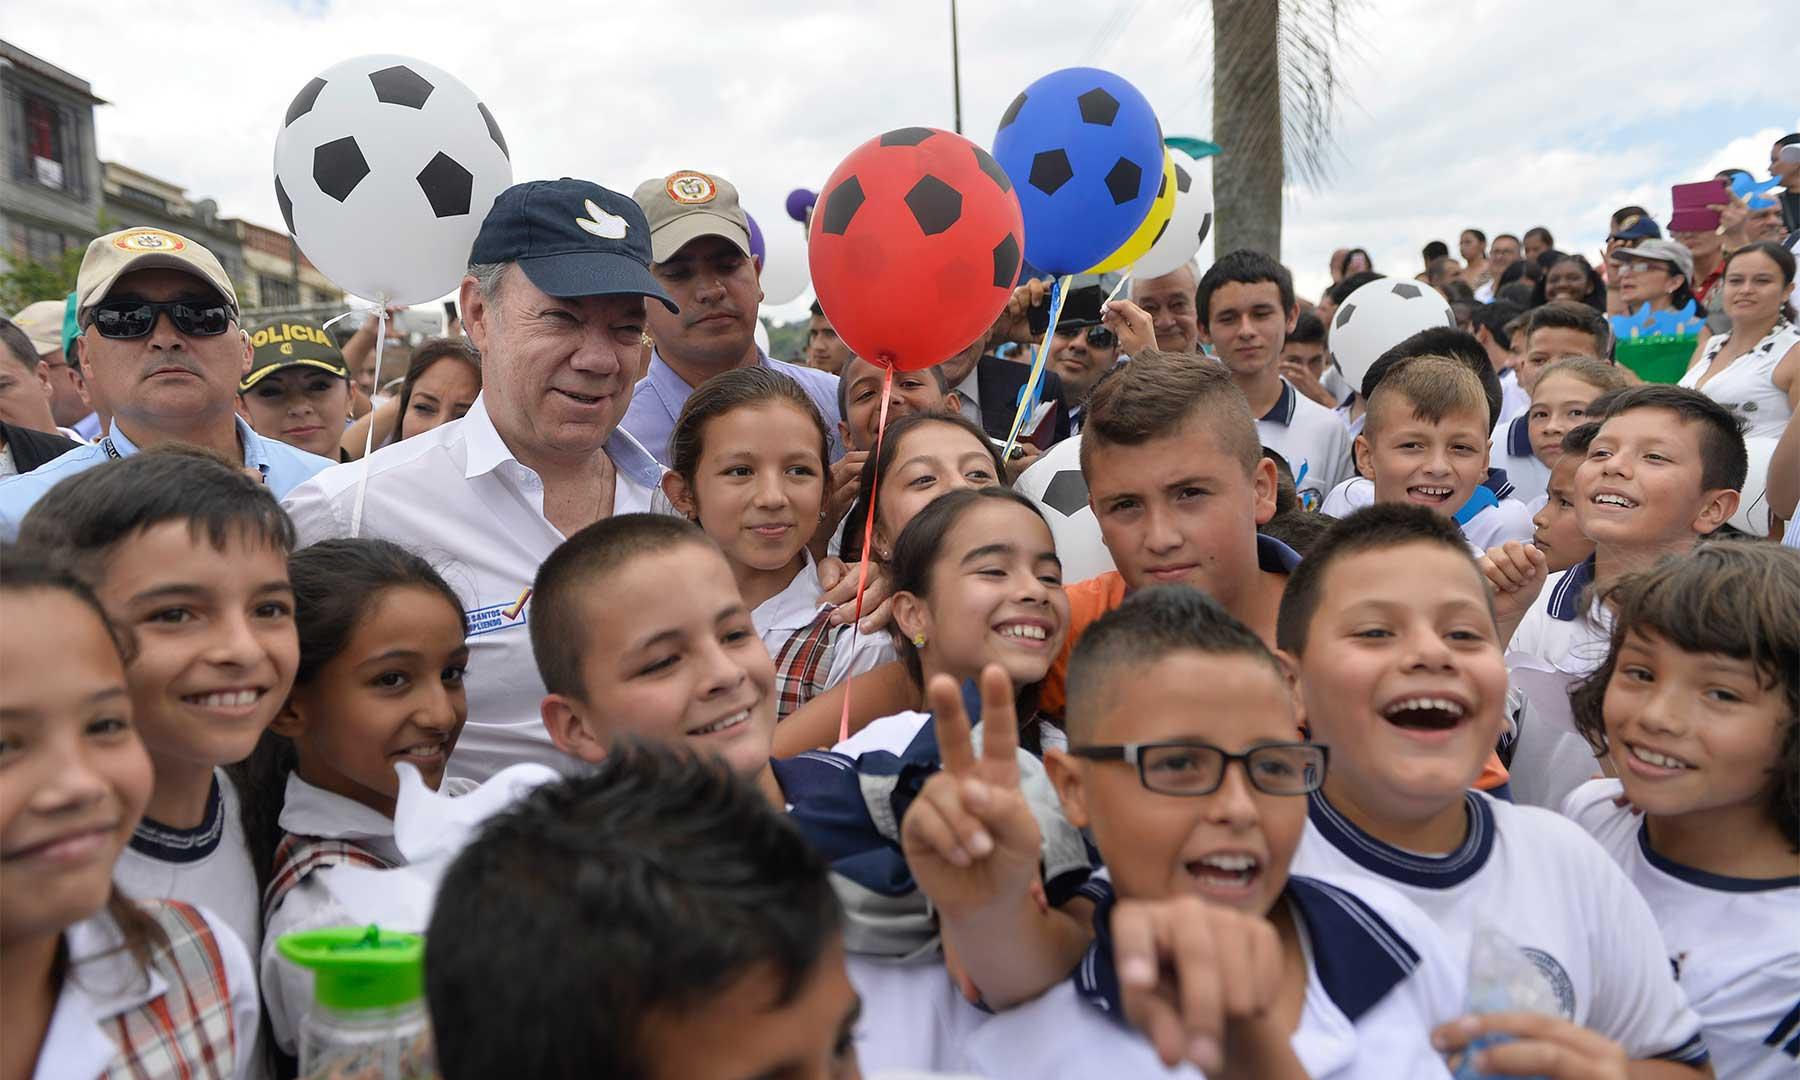 Con niñas y niños de Santa Rosa de Cabal departió este martes el Presidente Juan Manuel Santos, quien inauguró en ese municipio de Risaralda el Parque Recreacional, Deportivo y Ecológico 'La Hermosa'.